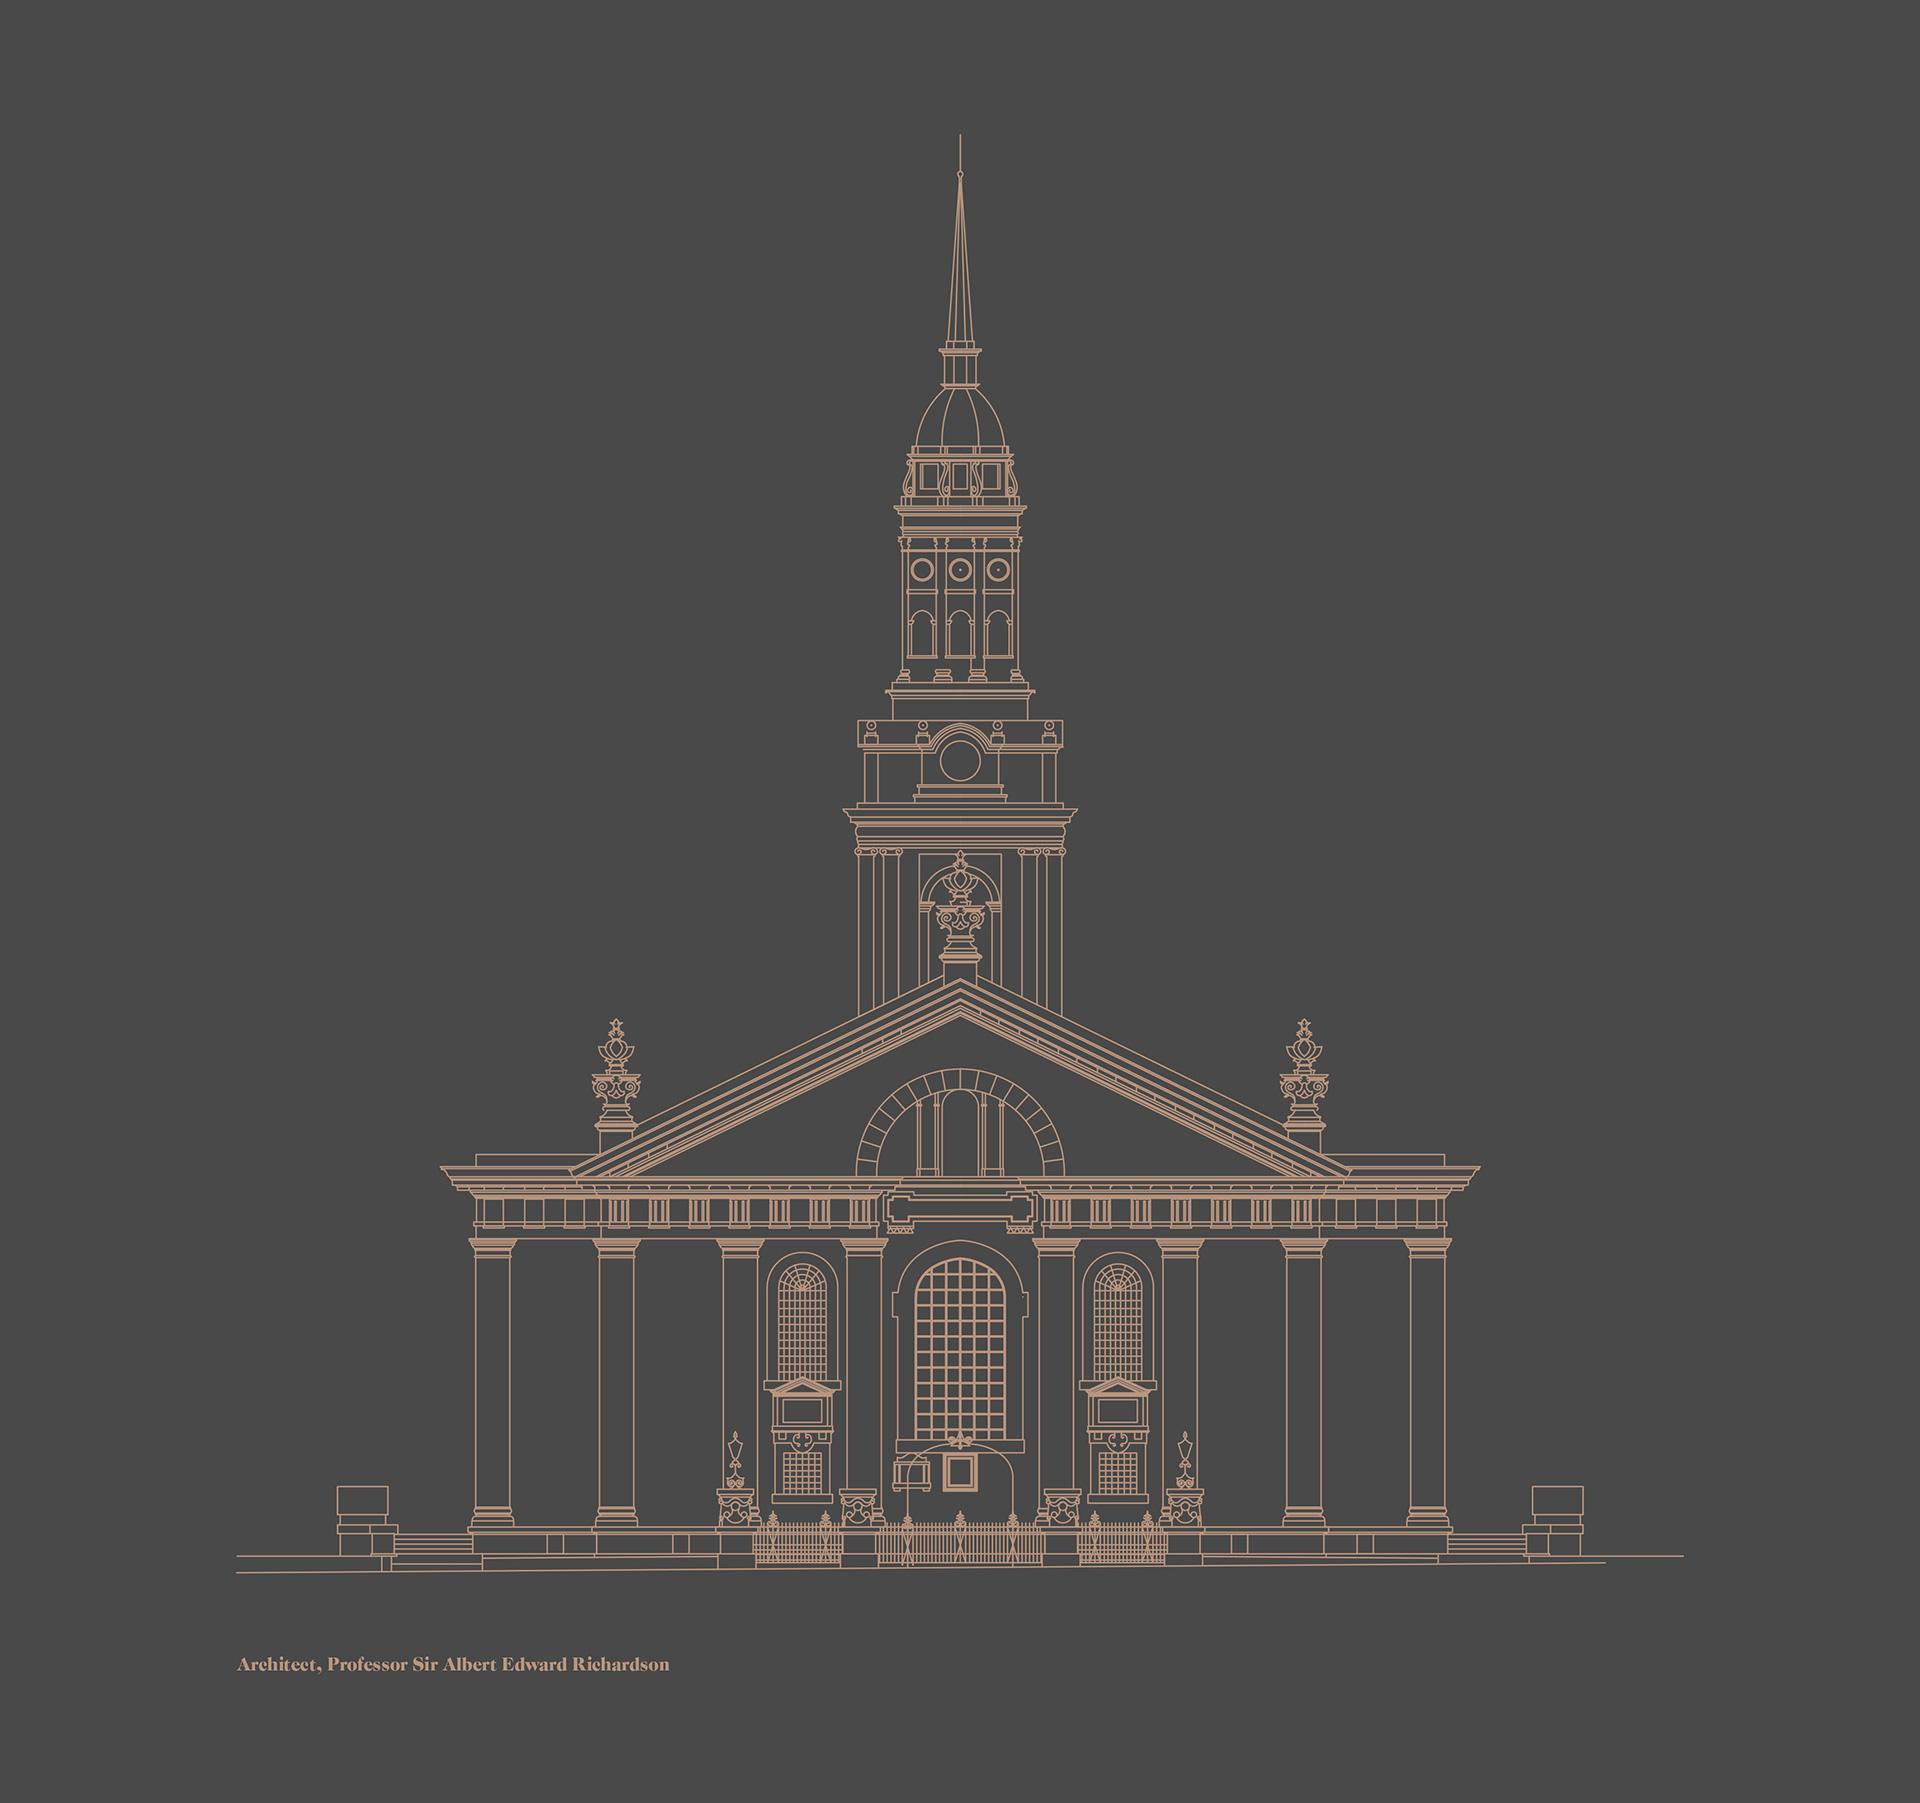 St Alfege Church - 2D exhibition design by Irish Butcher